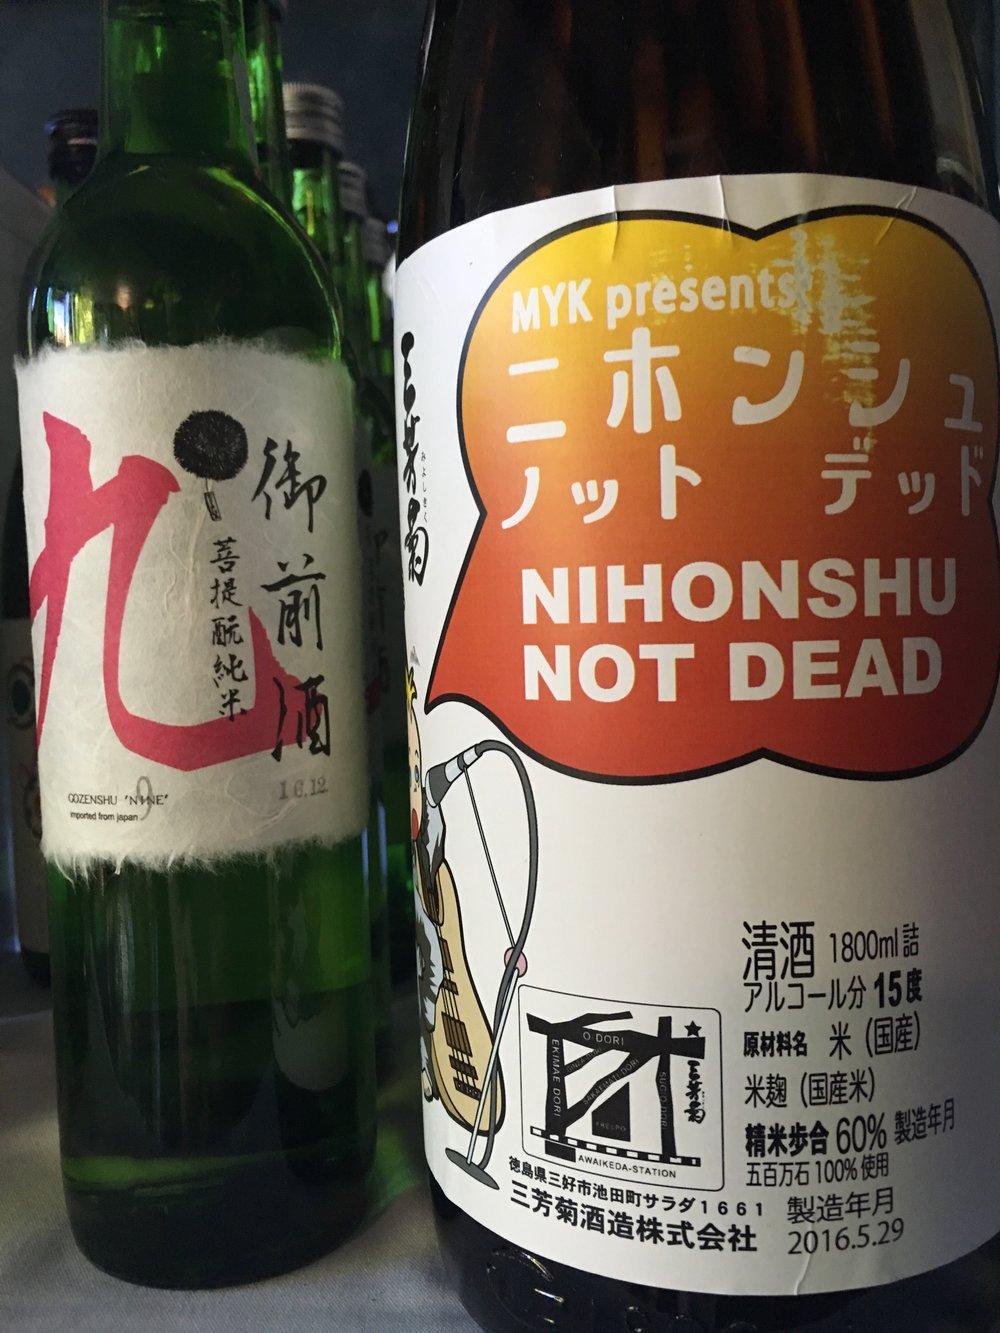 Nihonshu not dead